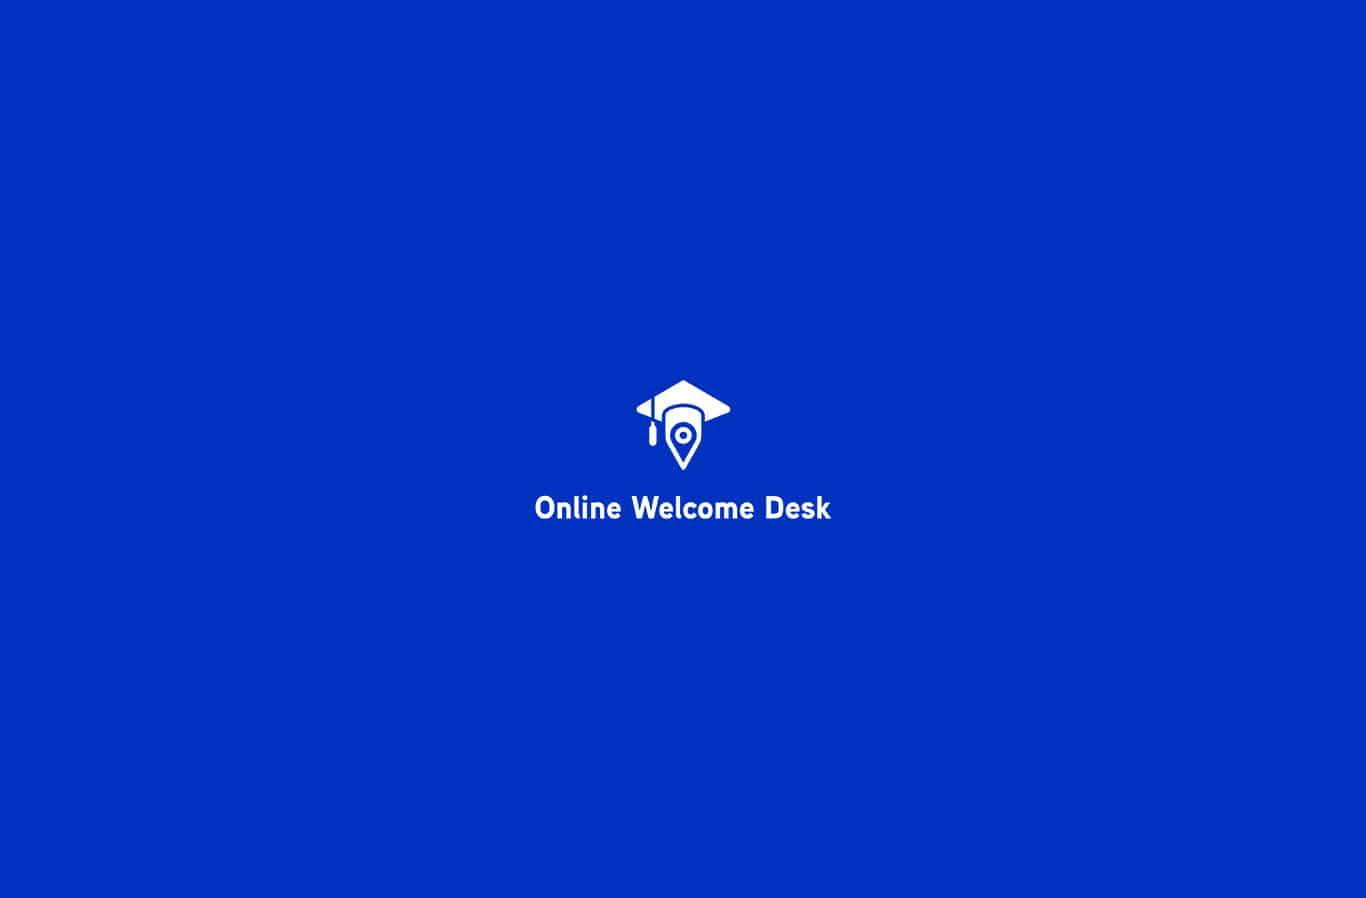 logotype blanc sur fond bleu réalisé pour la plateforme Online Welcome Desk projet pour l'UNIF